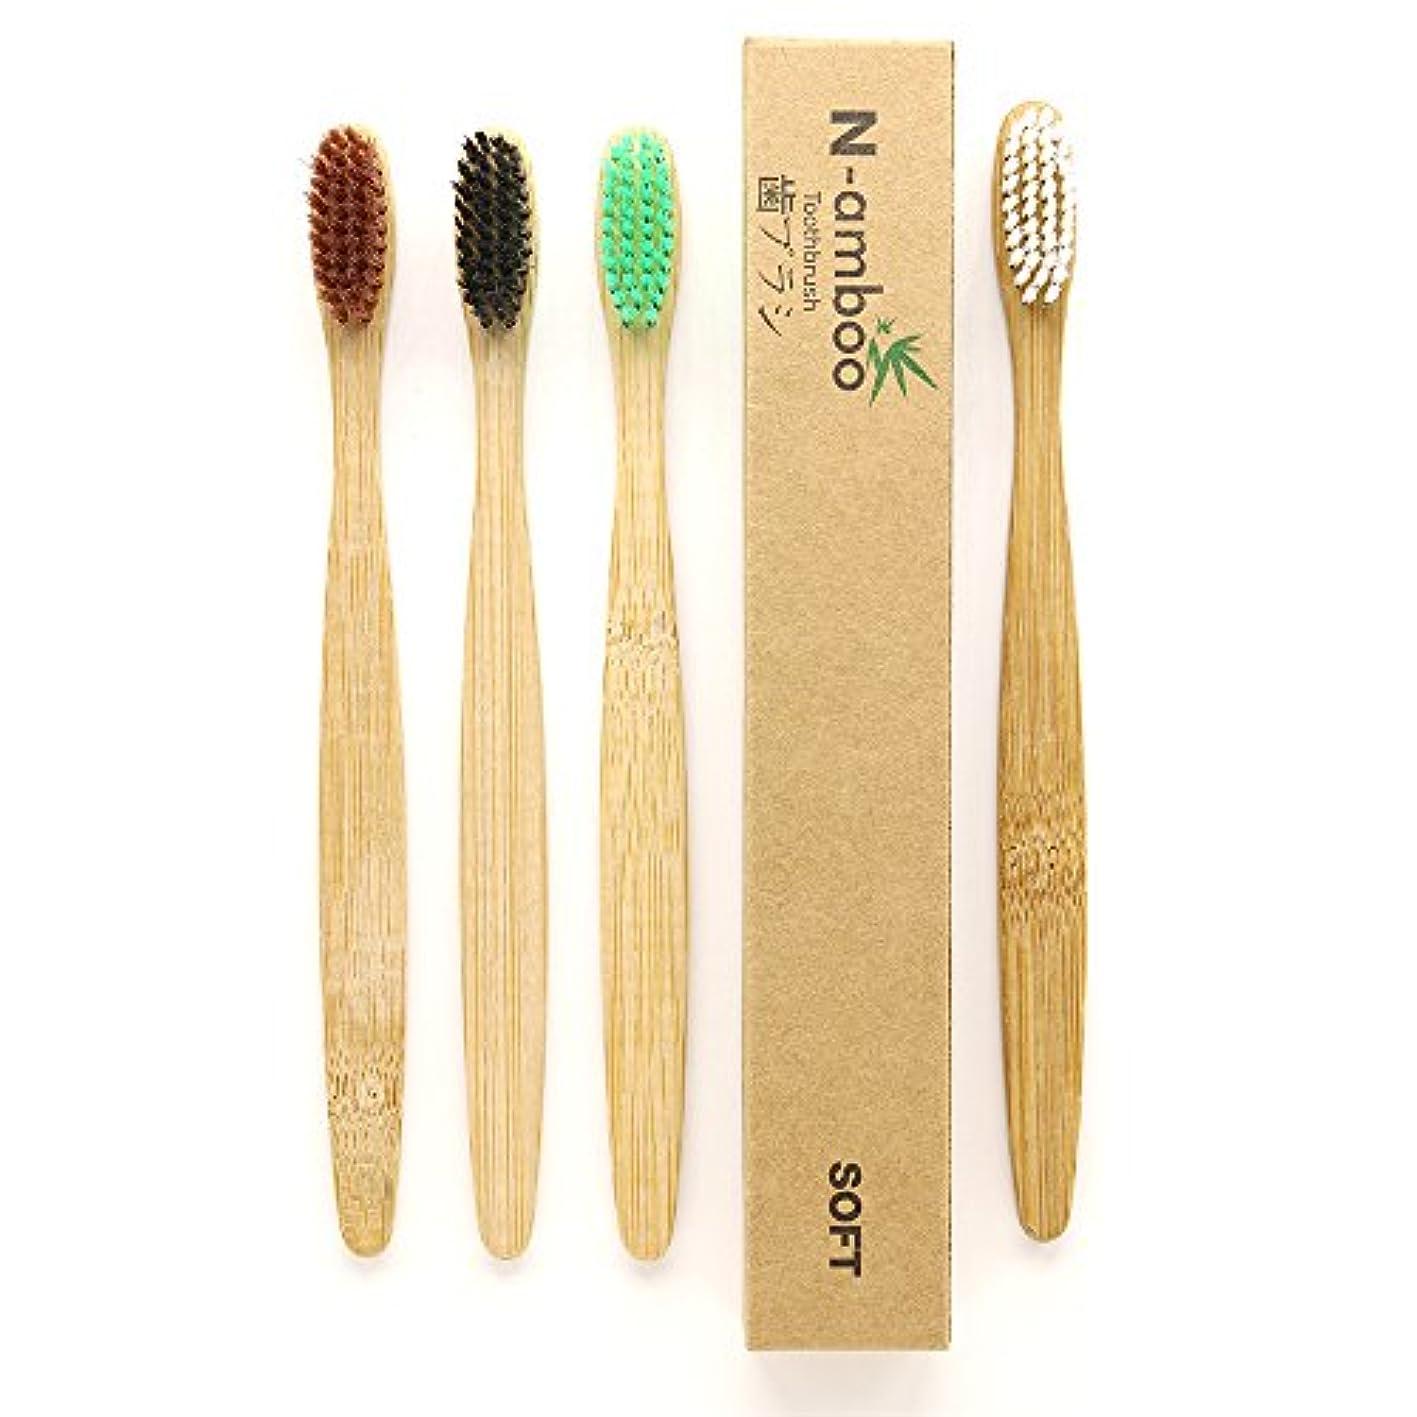 しっとり開いた傾斜N-amboo 竹製耐久度高い 歯ブラシ 4本入り(4色各1本)